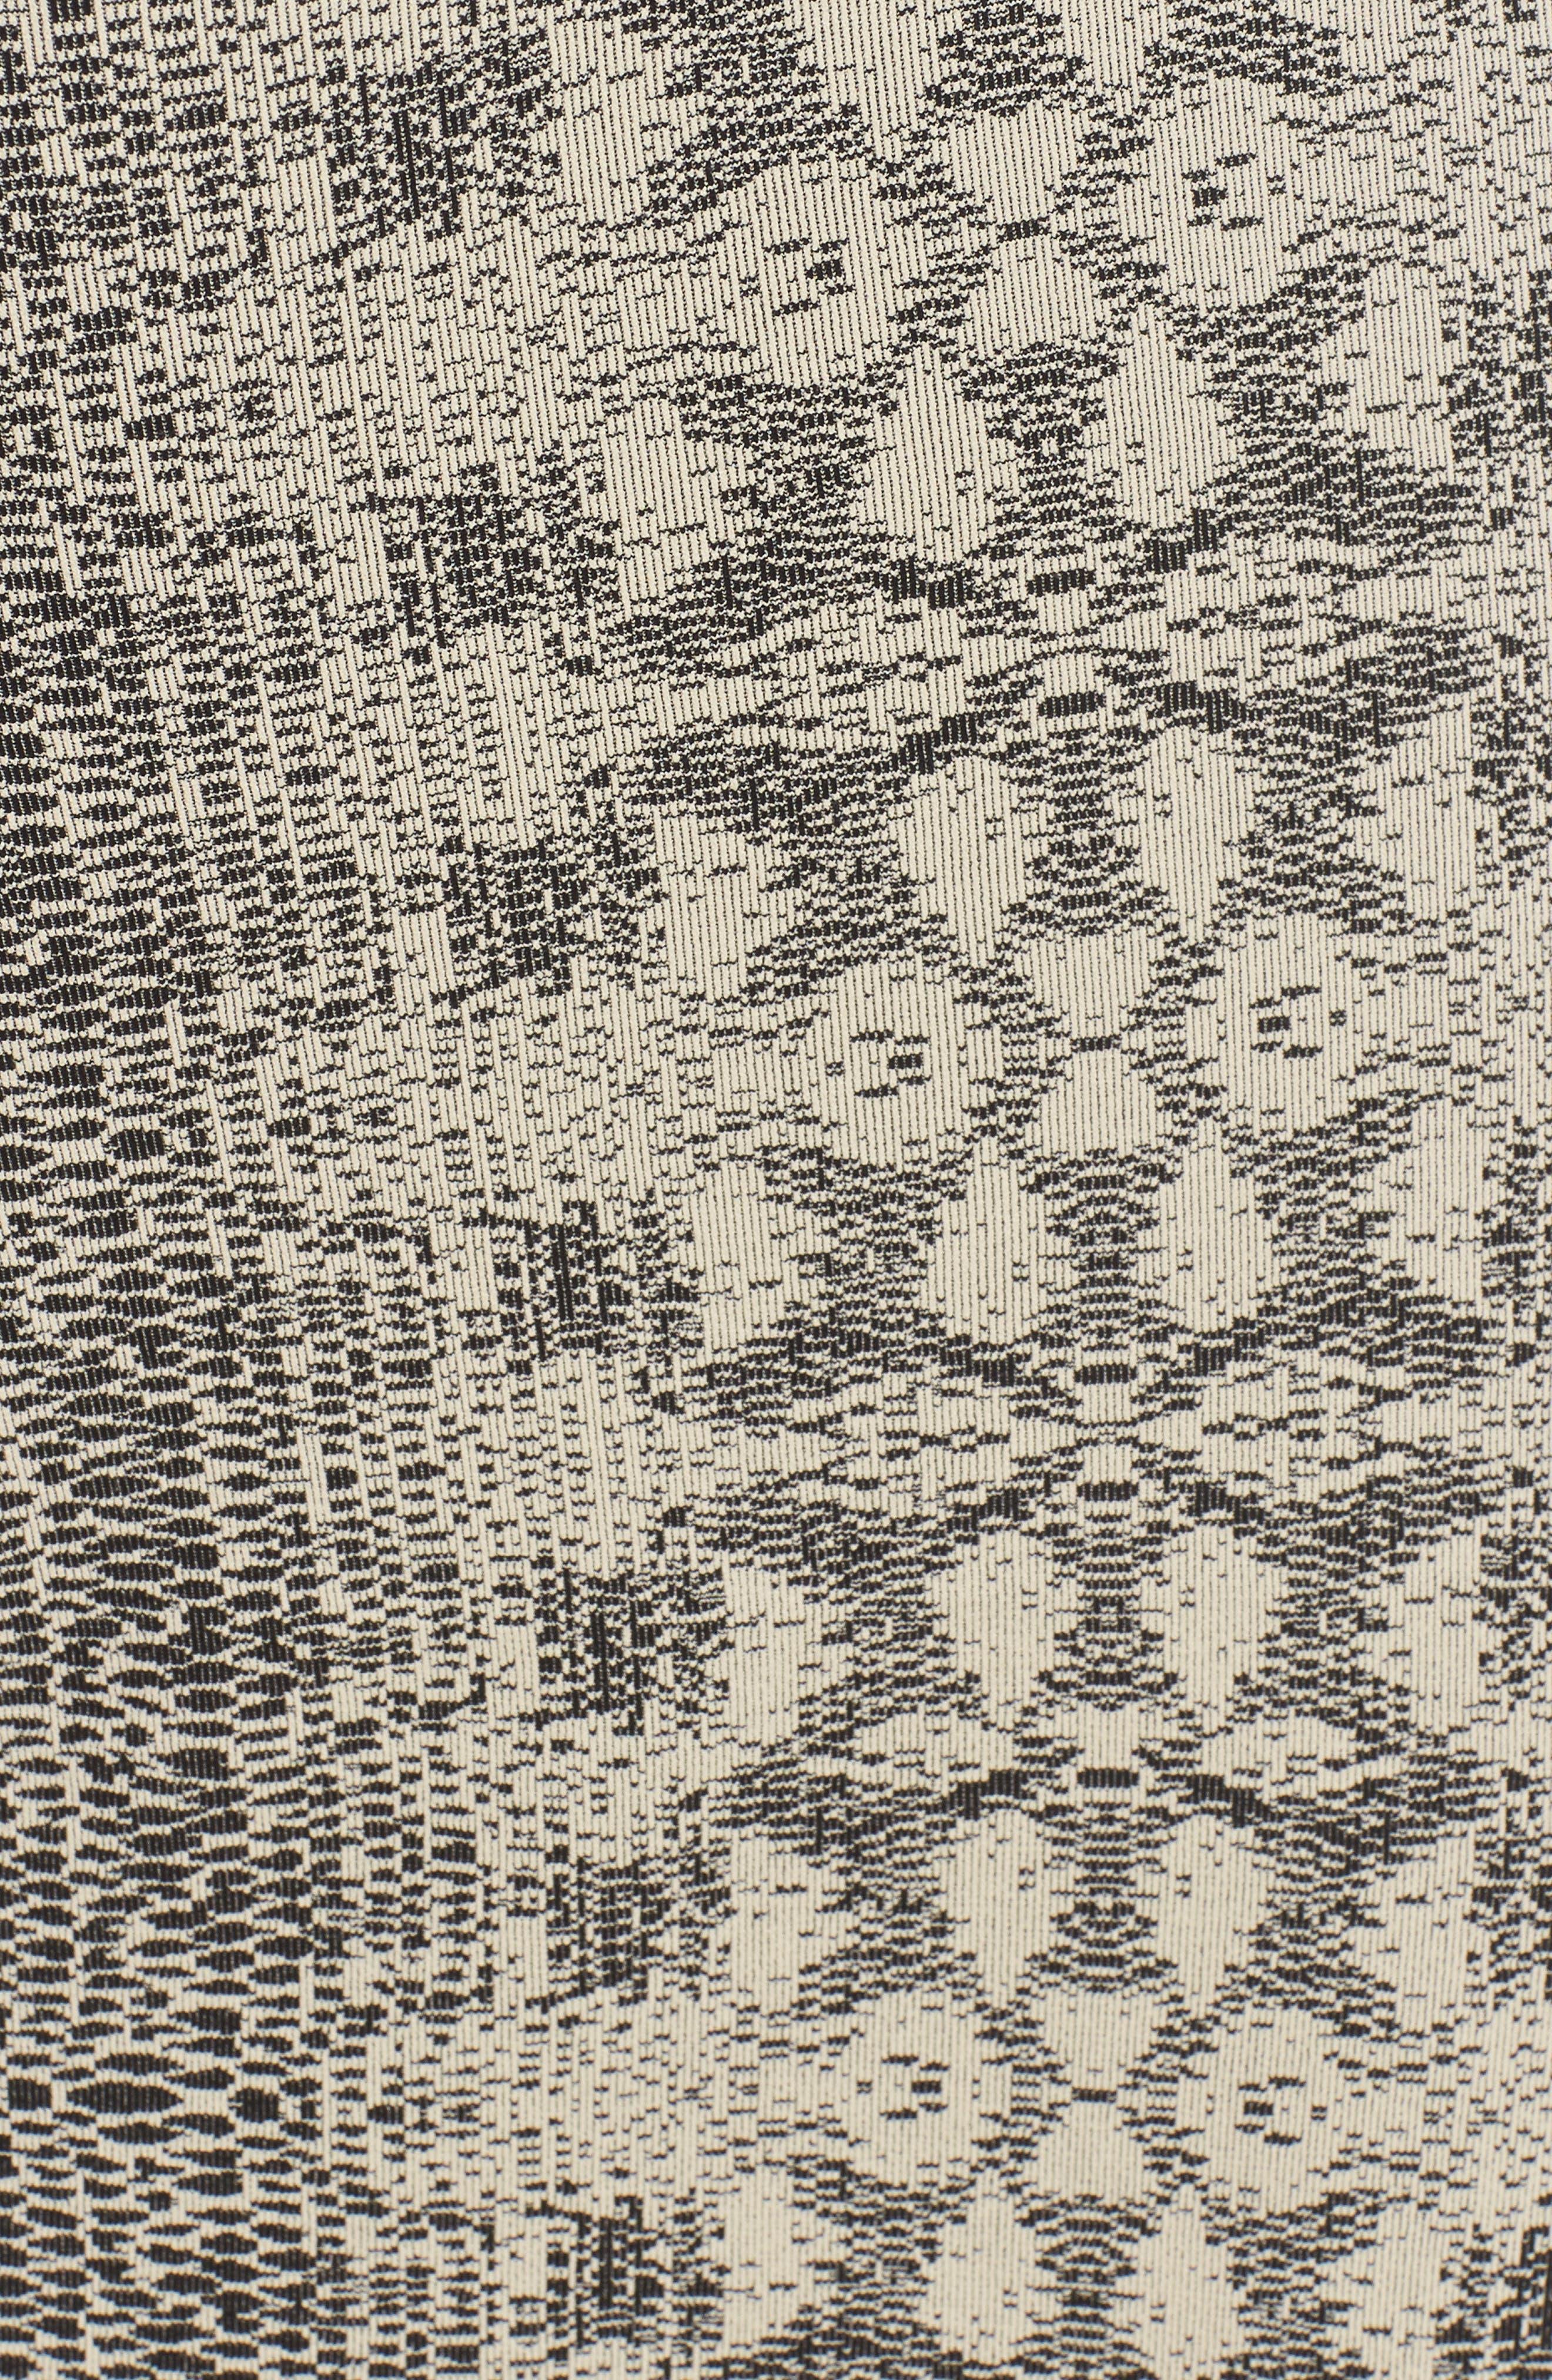 Snake Print Maternity Maxi Dress,                             Alternate thumbnail 5, color,                             900